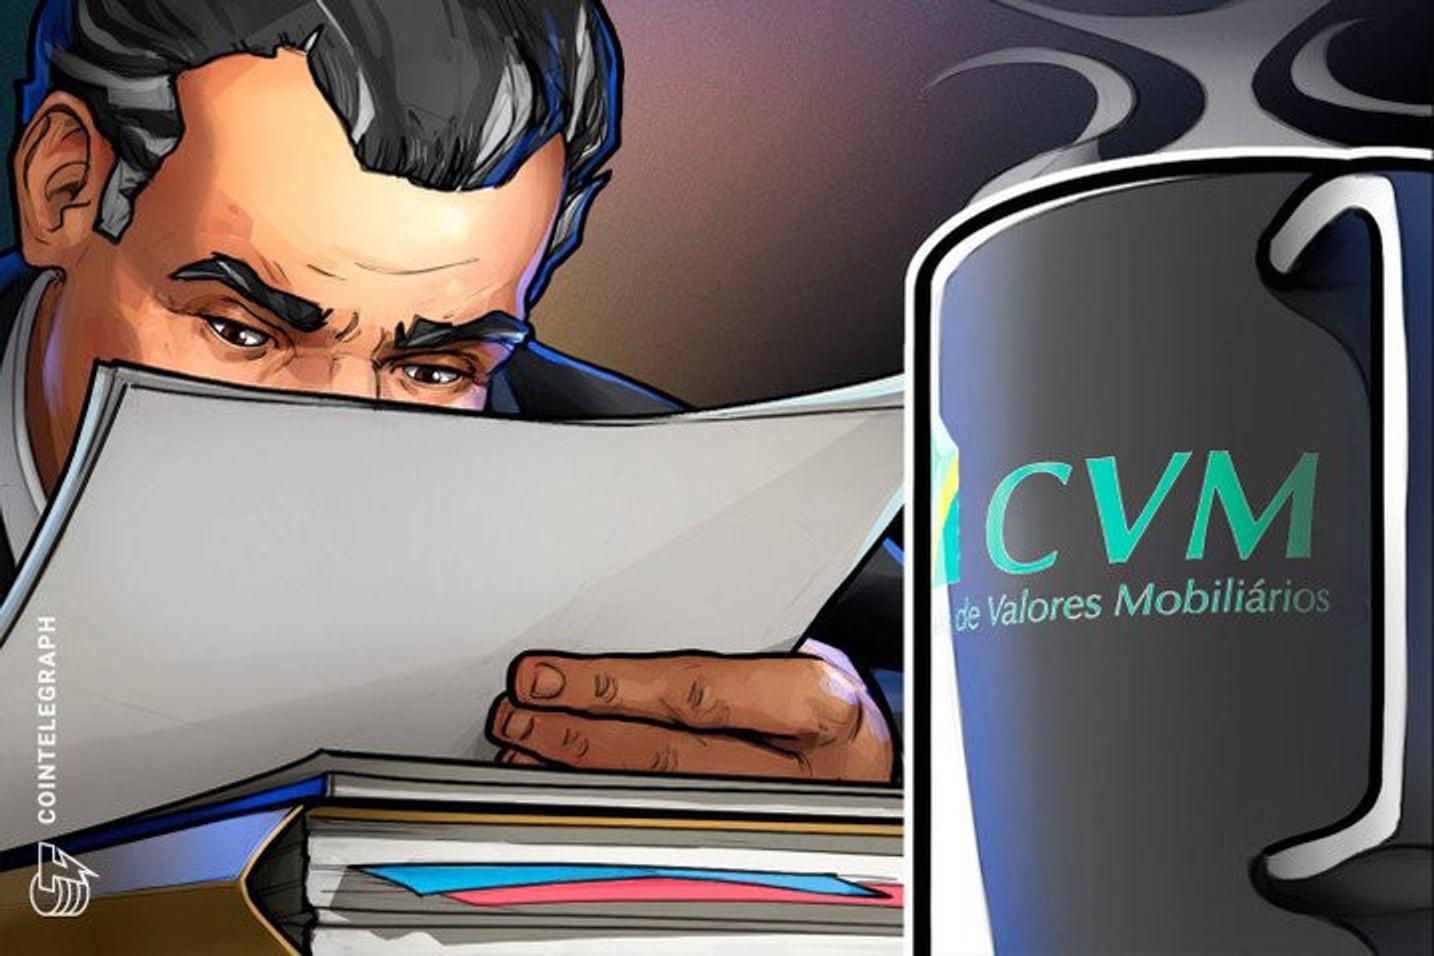 CVM já encaminhou mais de 70 ofícios ao Ministério Público sobre atividades possivelmente 'ilegais' no Brasil